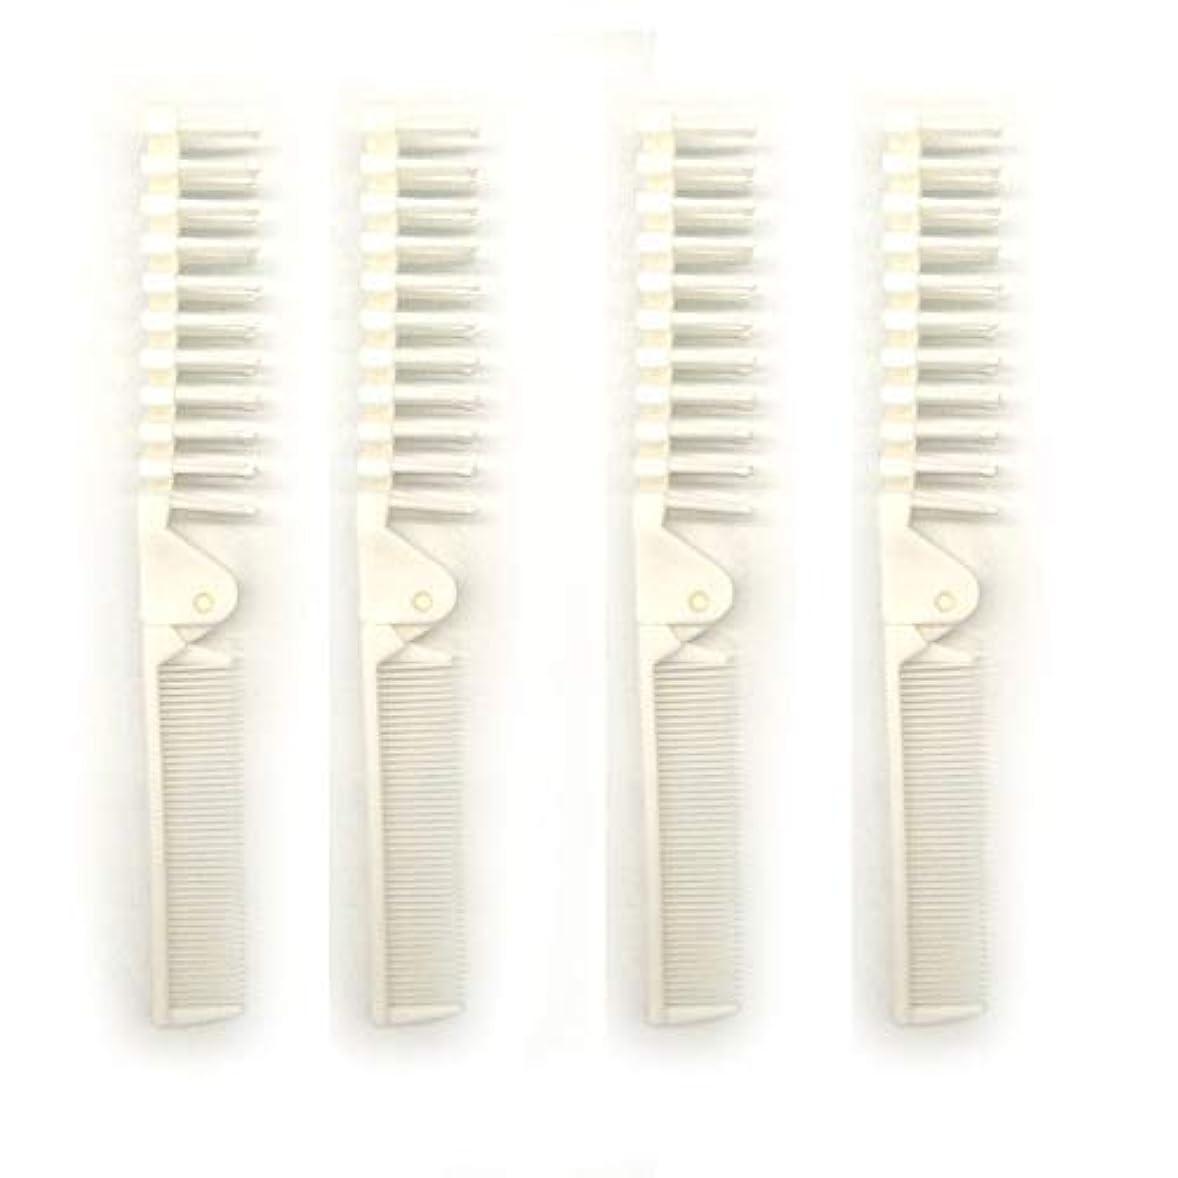 ポーチ男らしさ国旗PUTYSUUN Portable Travel Size Comb Brush Combo Folding, Antistatic Pack of 4 [並行輸入品]